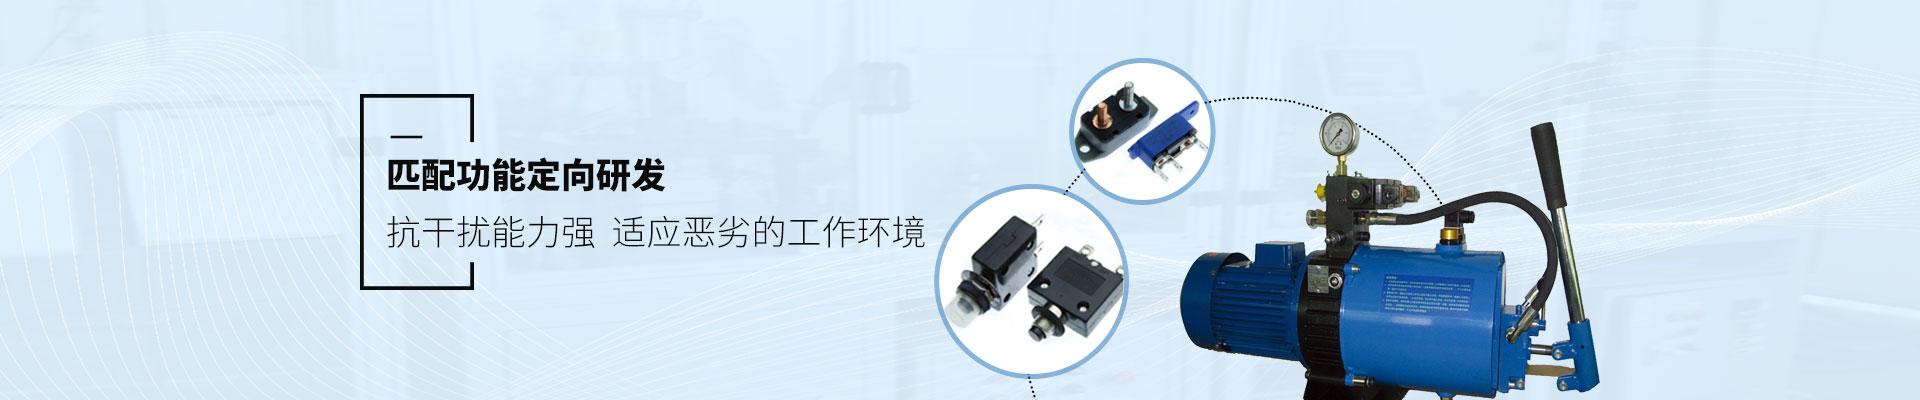 海川温控过载保护器匹配功能定向研发